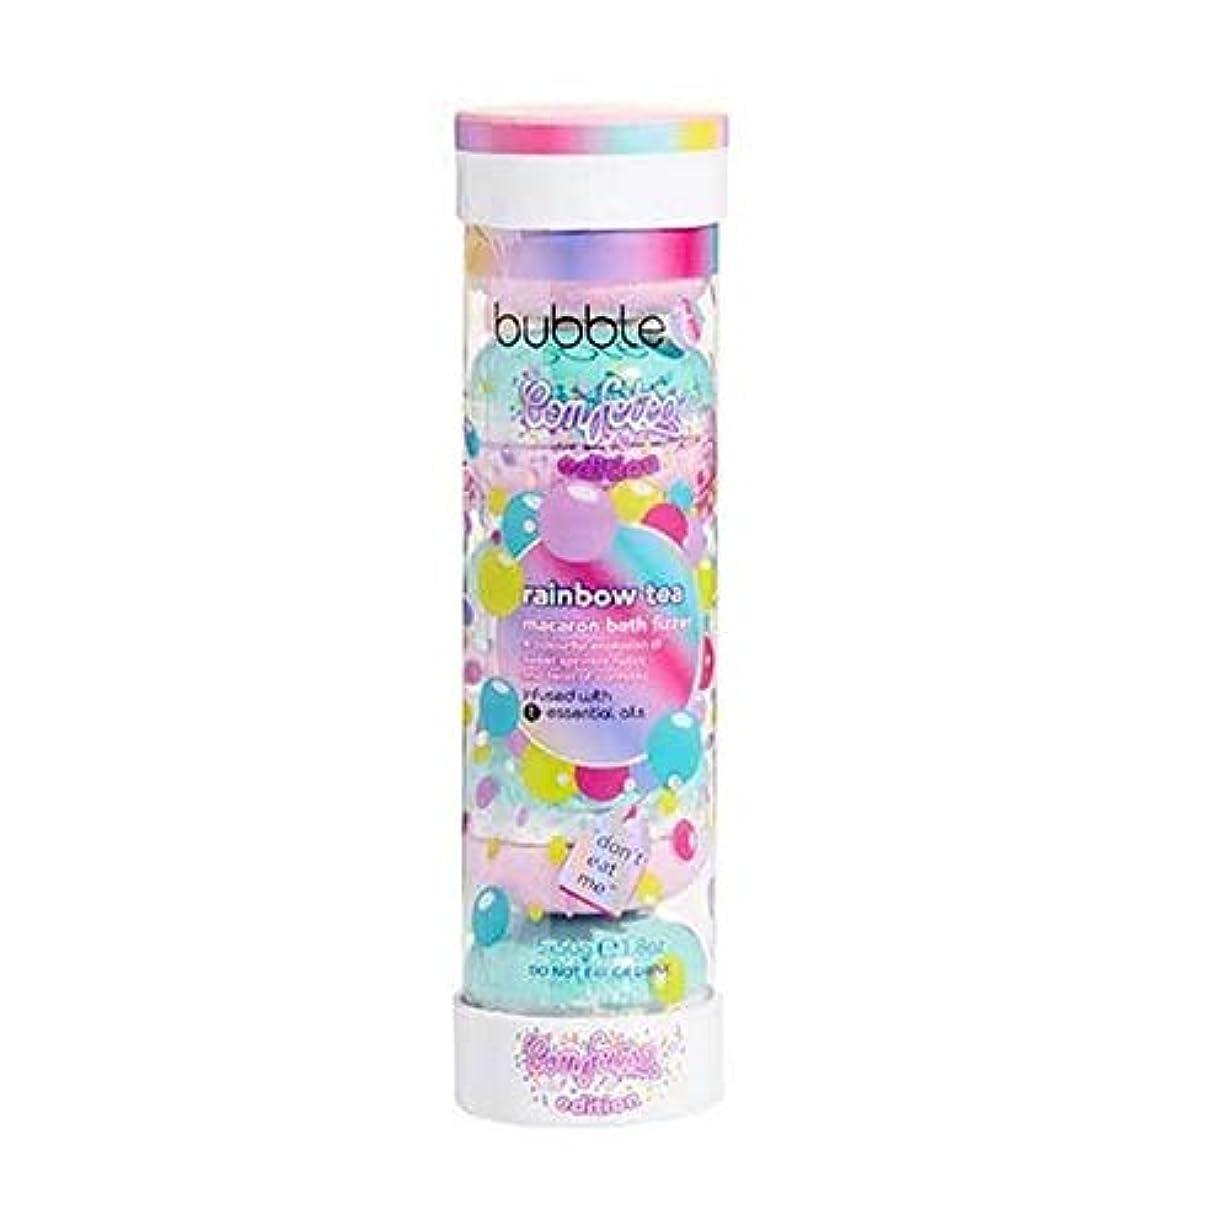 トロピカル比較的抜本的な[Bubble T ] バブルトン化粧品のマカロンバスFizzer虹茶5×50グラム - Bubble T Cosmetics Macaron Bath Fizzer Rainbow Tea 5 x 50g [並行輸入品]